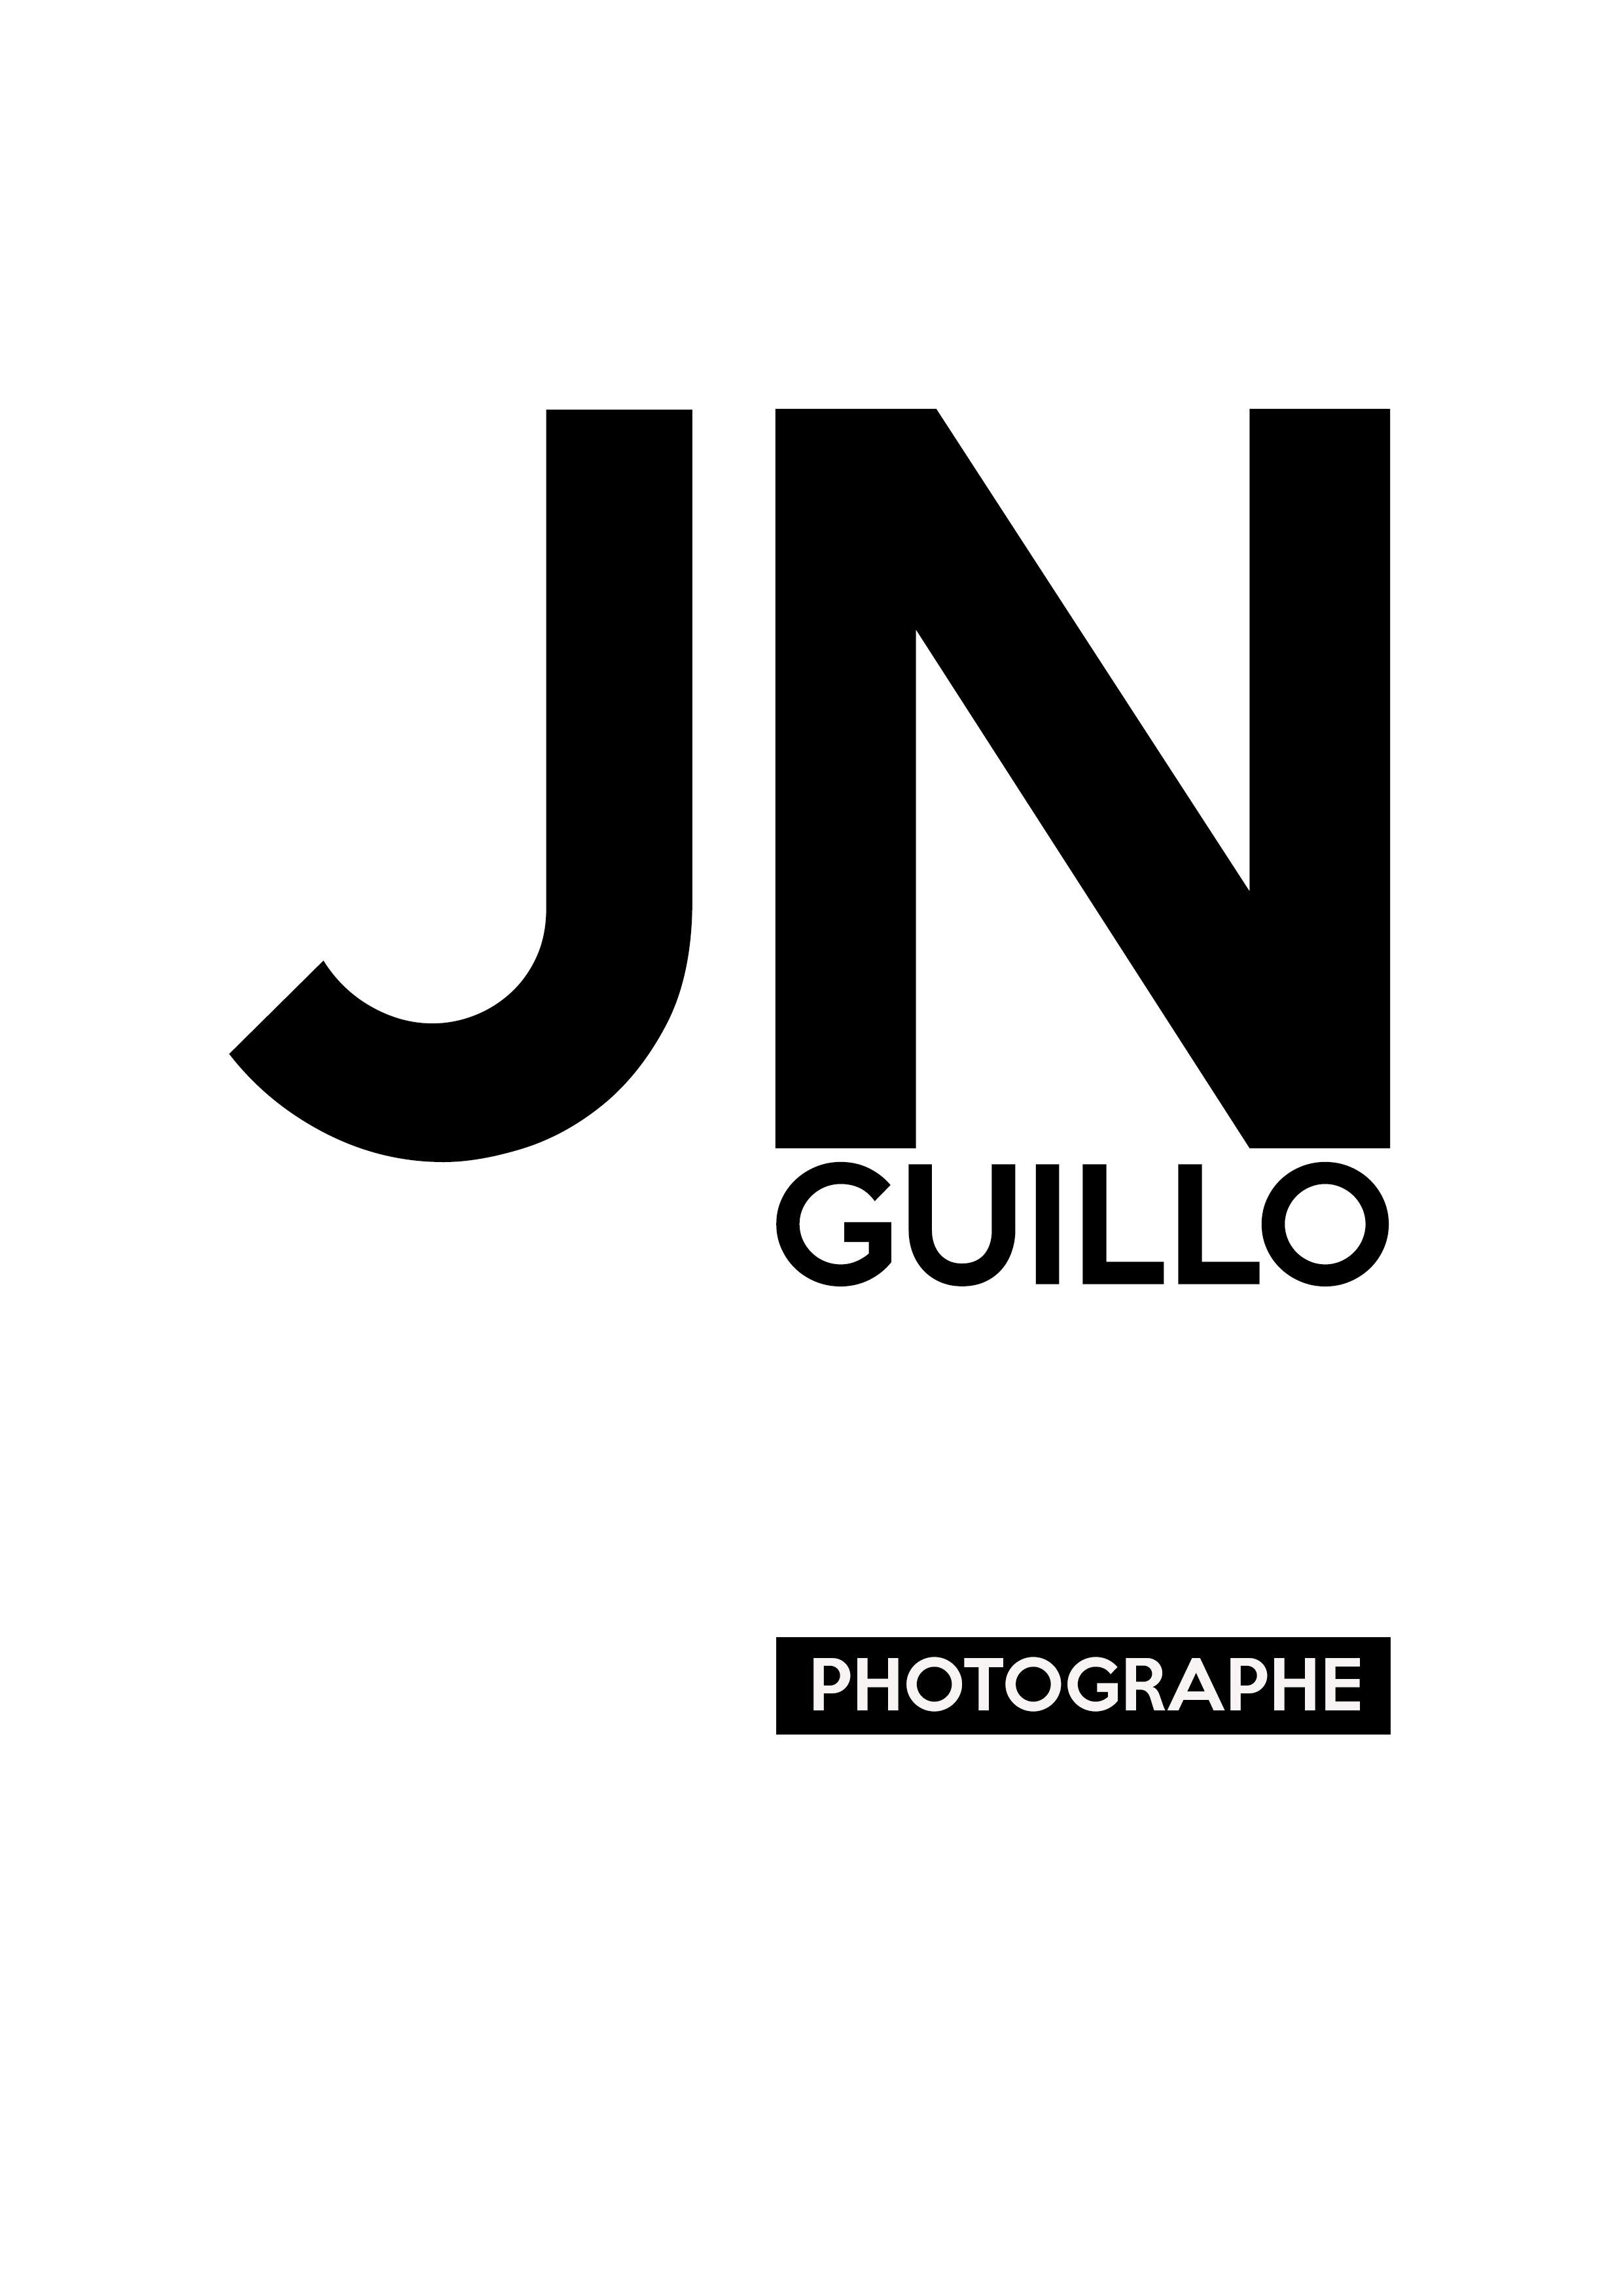 Jean Nicholas GUILLO